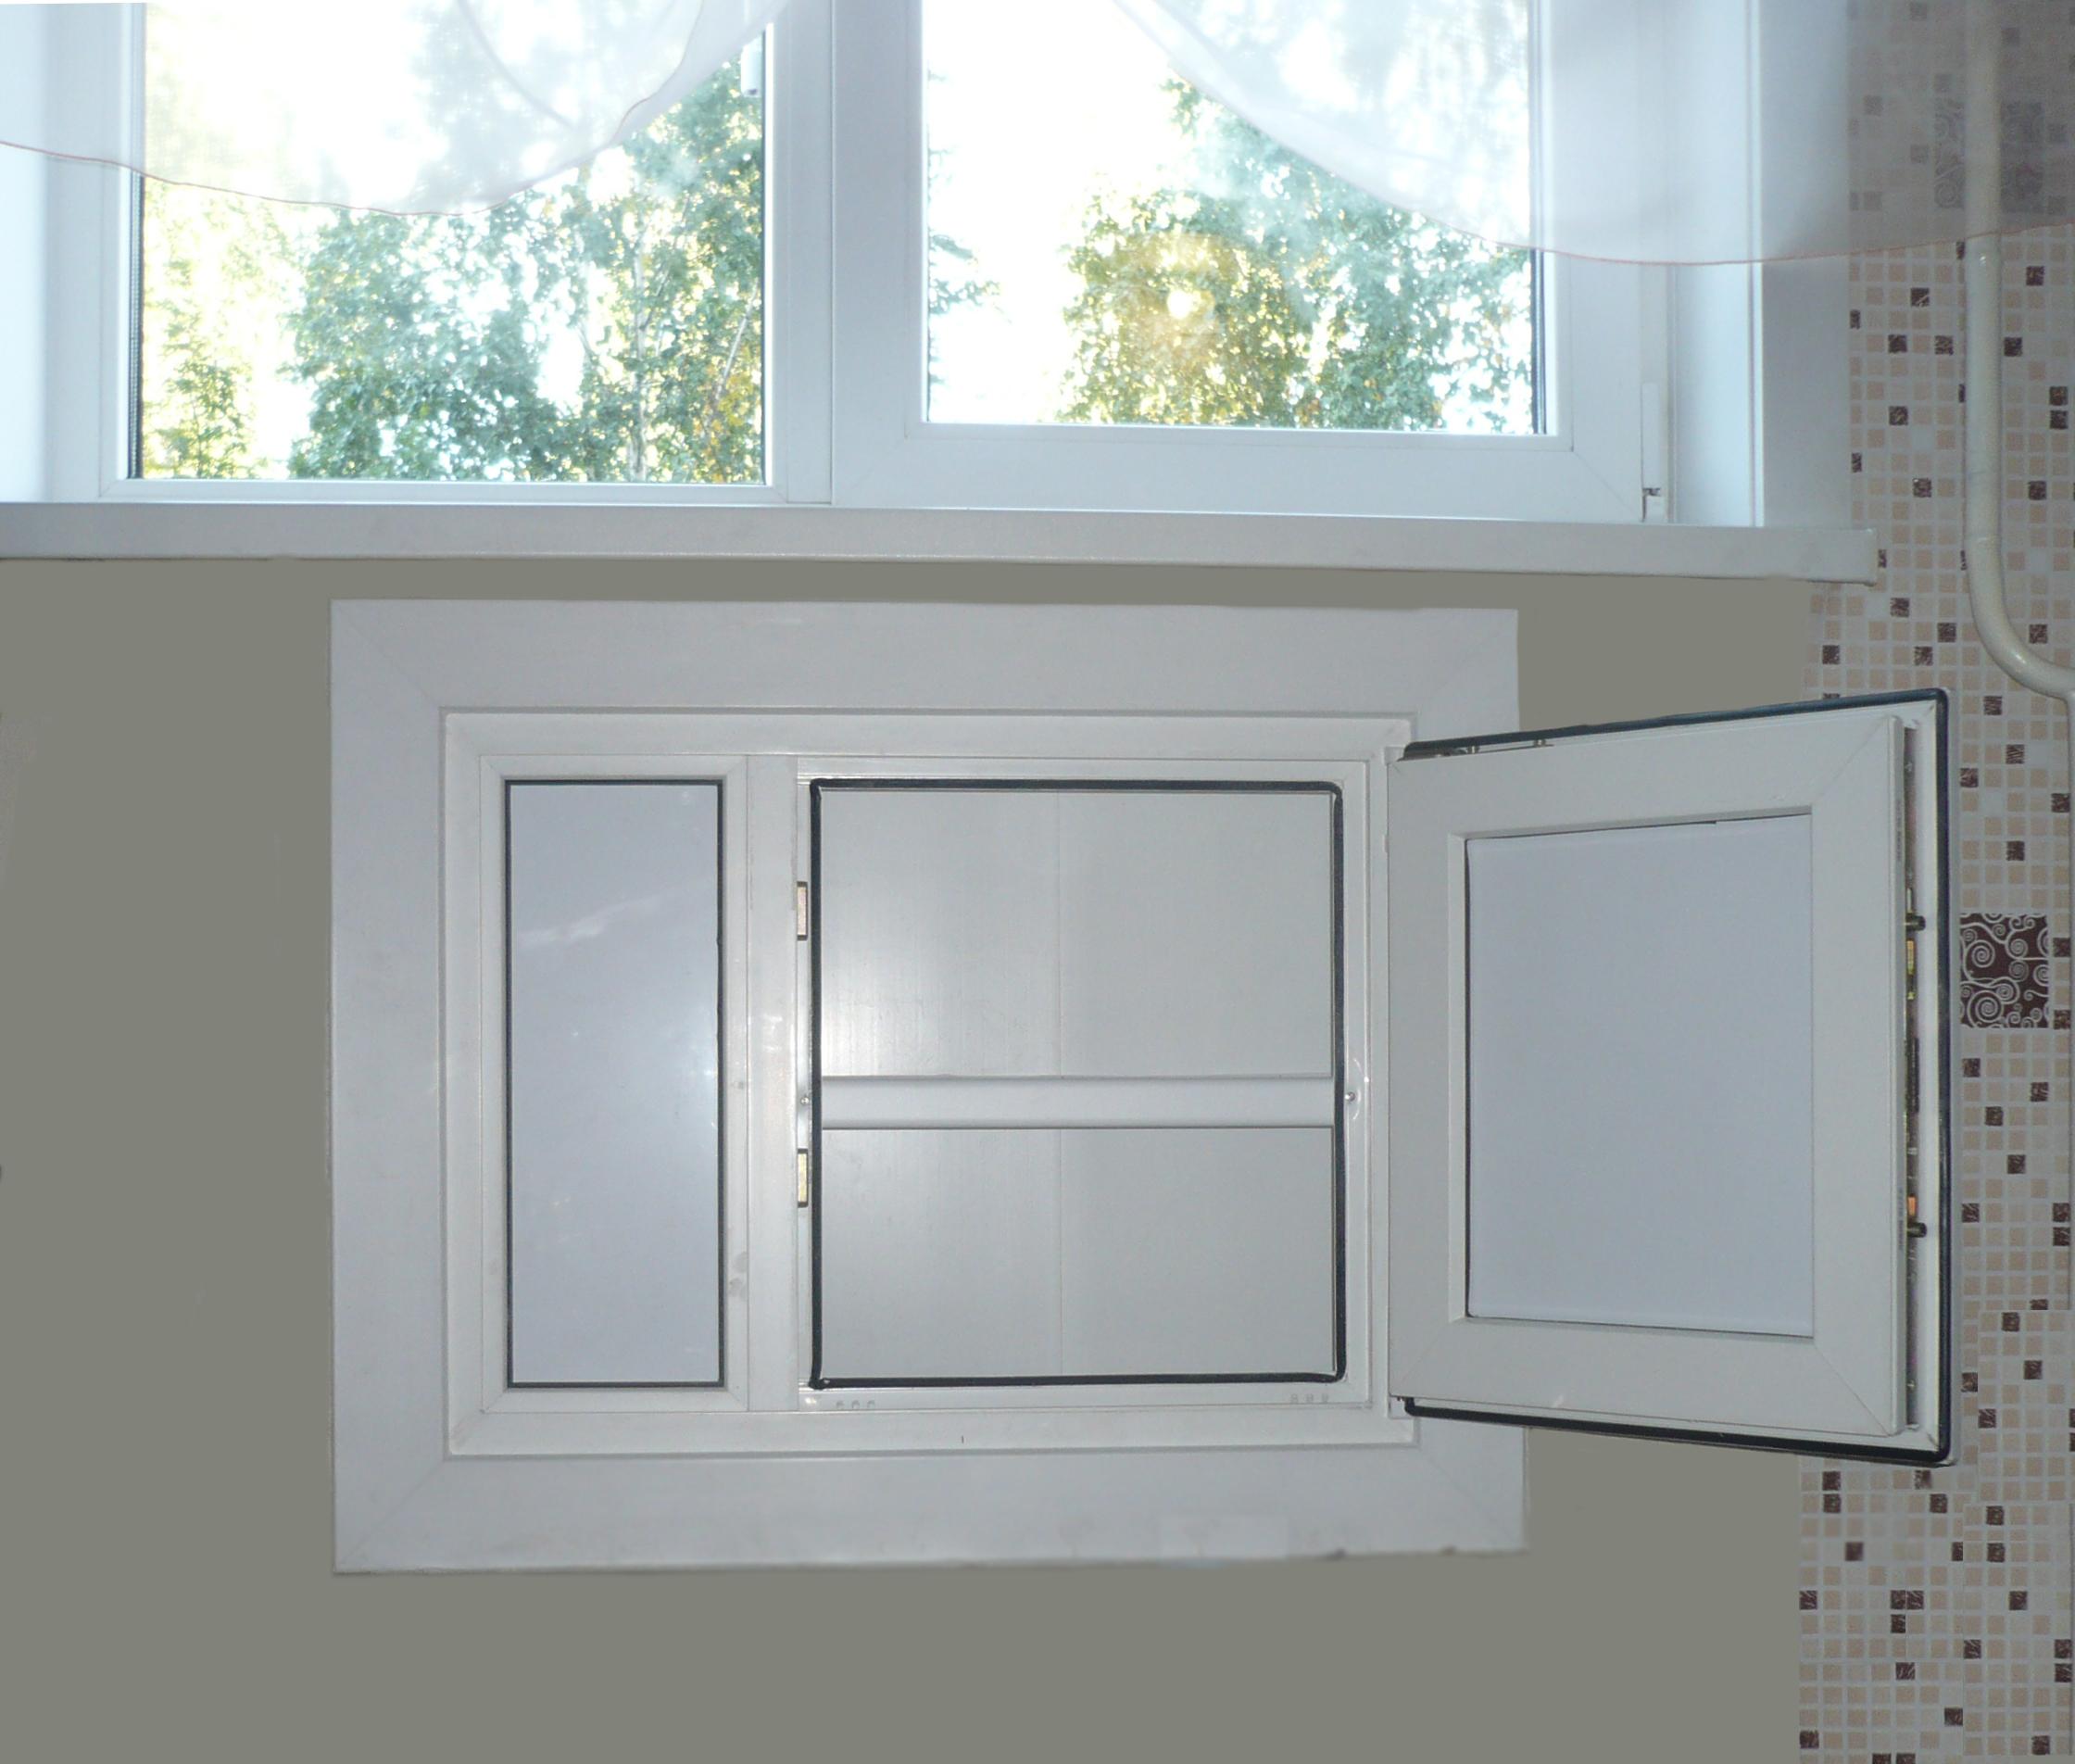 Холодильник под окном с пластиковыми дверками